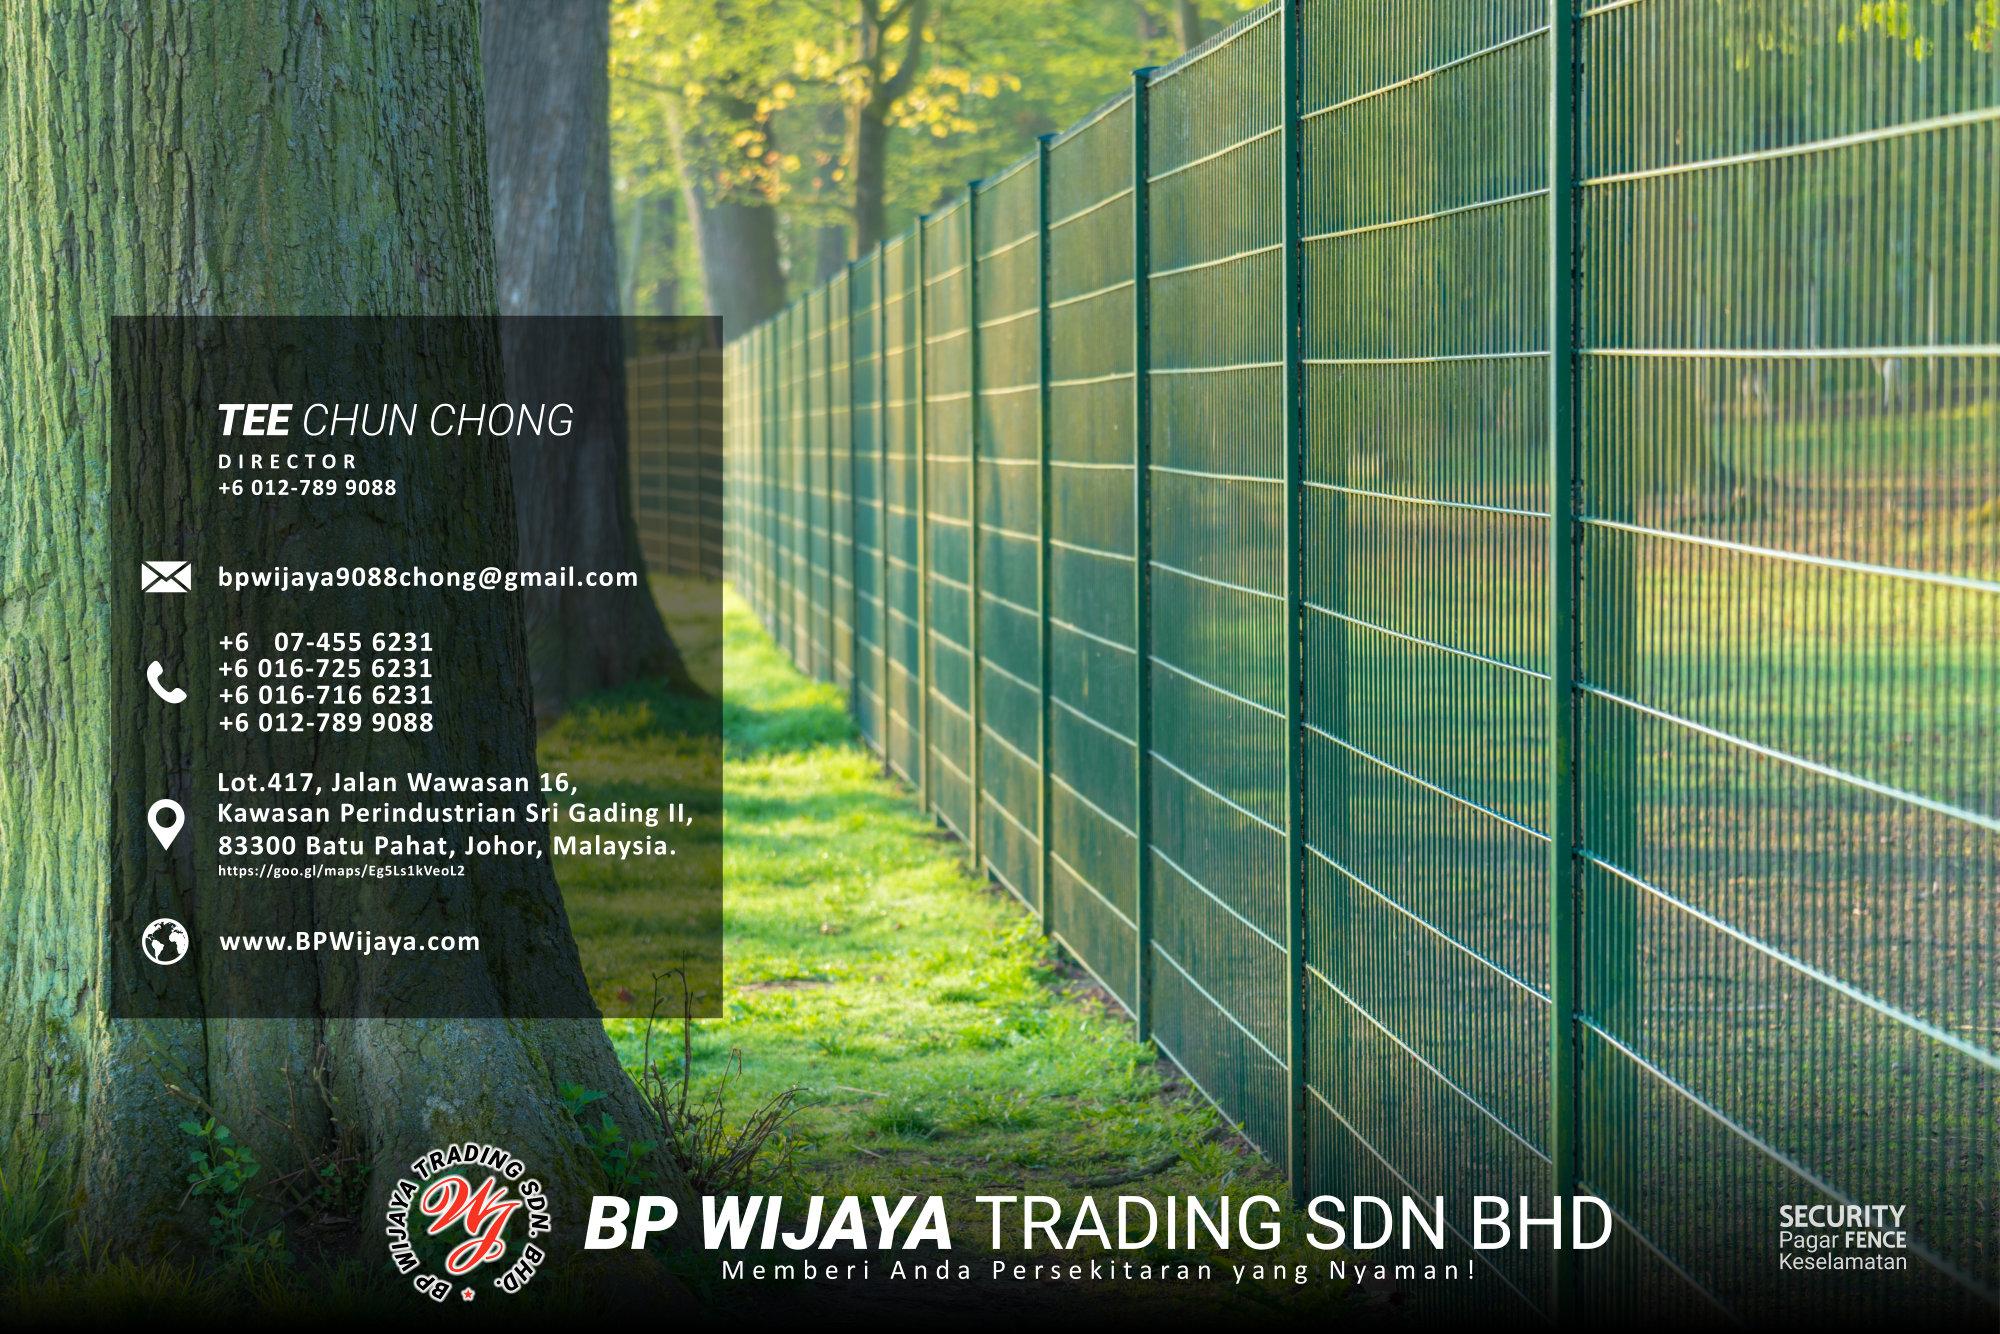 Pembekal Kuala Lumpur Pagar Keselamatan kami merupakan pengilang pagar keselamatan BP Wijaya Trading Sdn Bhd Pagar Taman Pagar Bangunan Pagar Kilang Pagar Rumah Pemborong Pagar Keselamatan A03-006